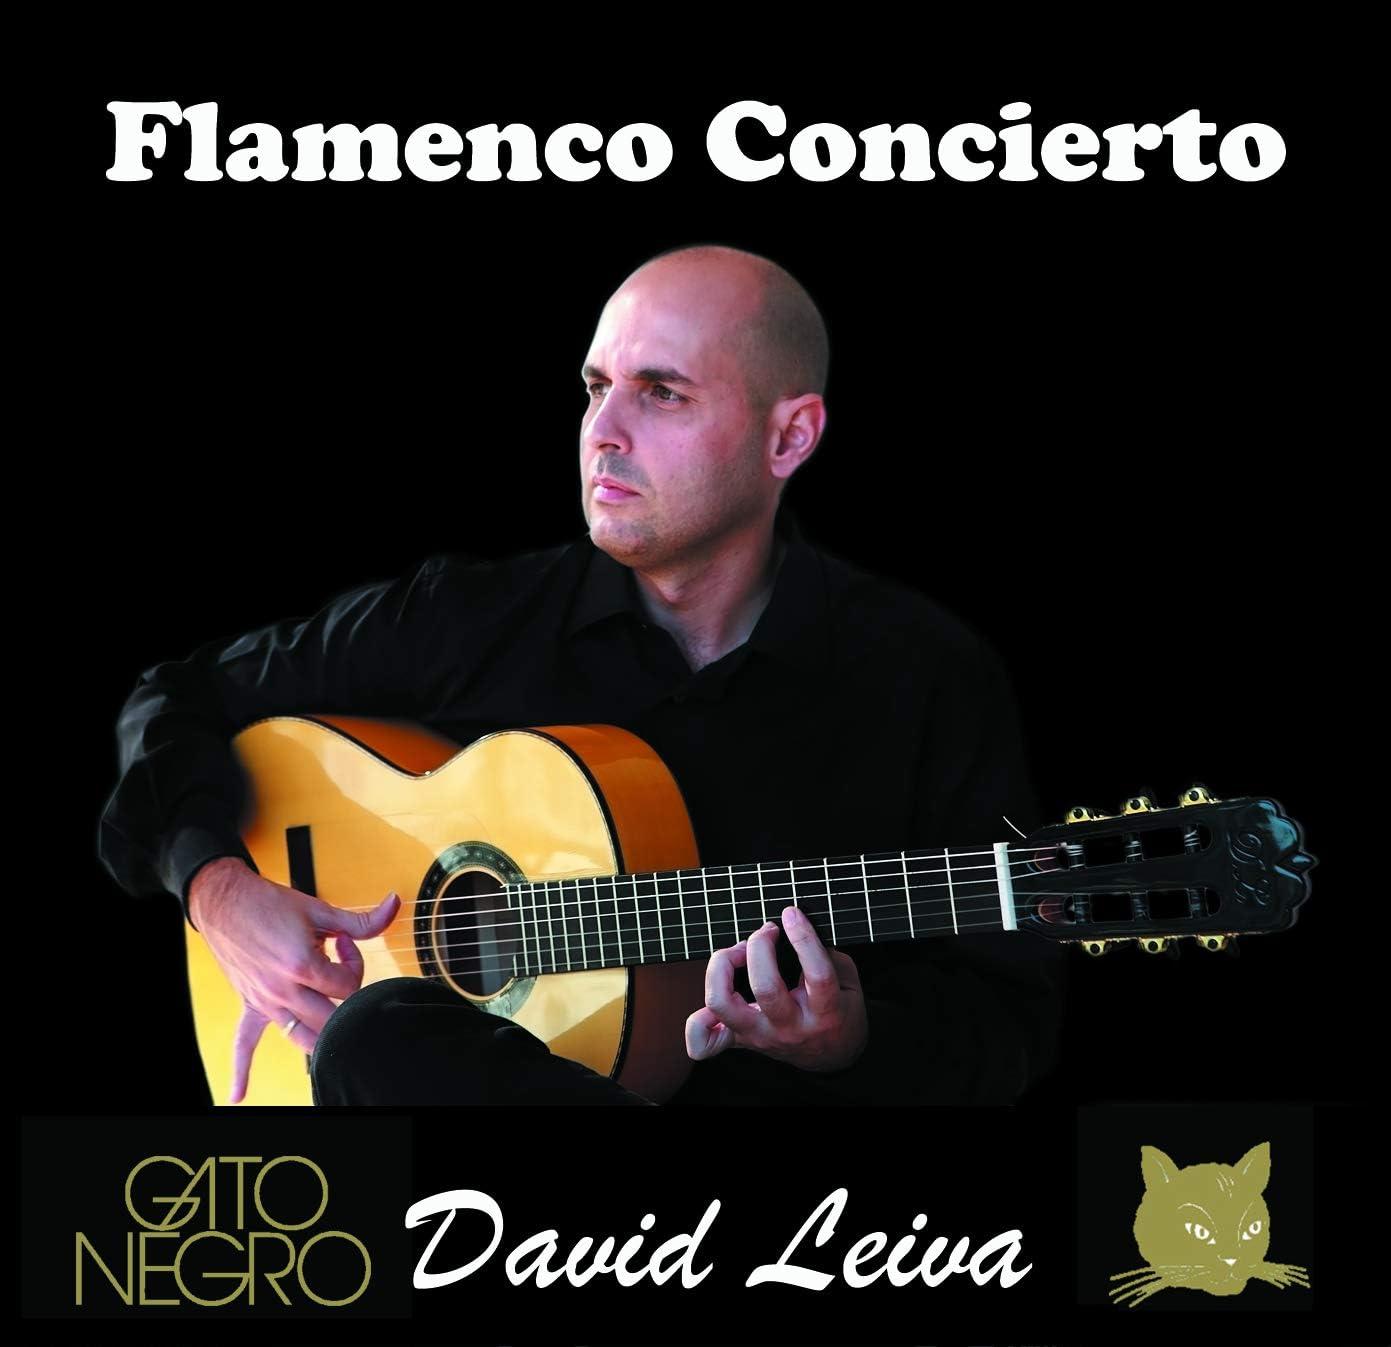 Cuerdas Guitarra Clásica Flamenco Concierto